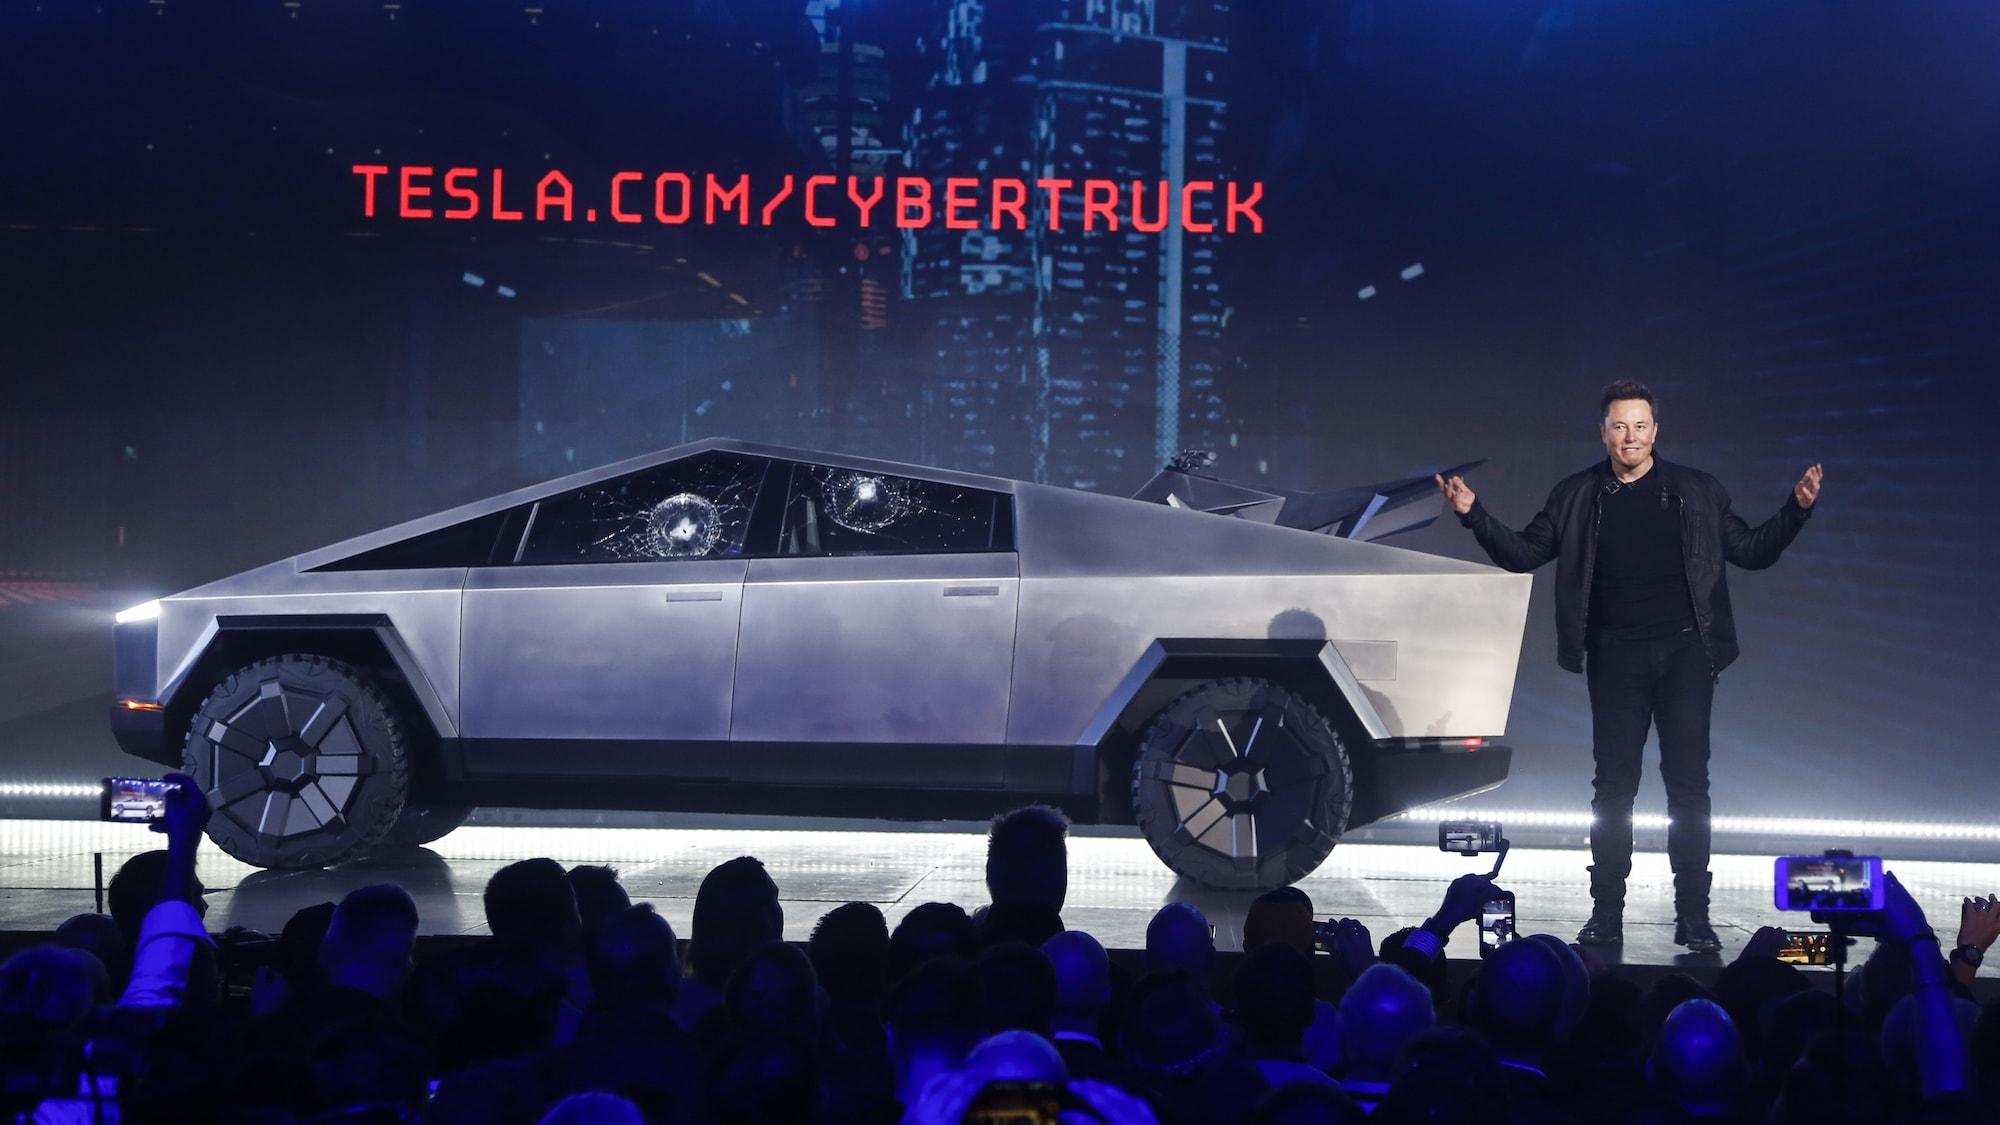 Zu gefährlich für Fussgänger und Passagiere: Tesla-Cybertruck wird in Europa nie fahren